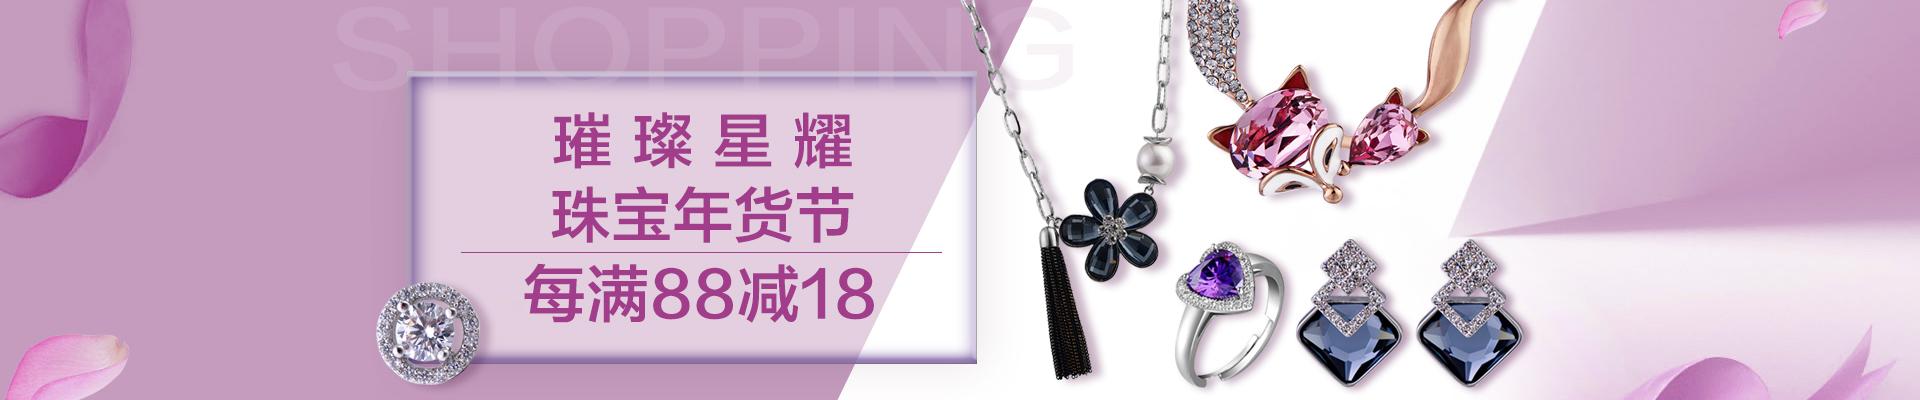 璀璨星耀 珠宝年货节 每满88减18